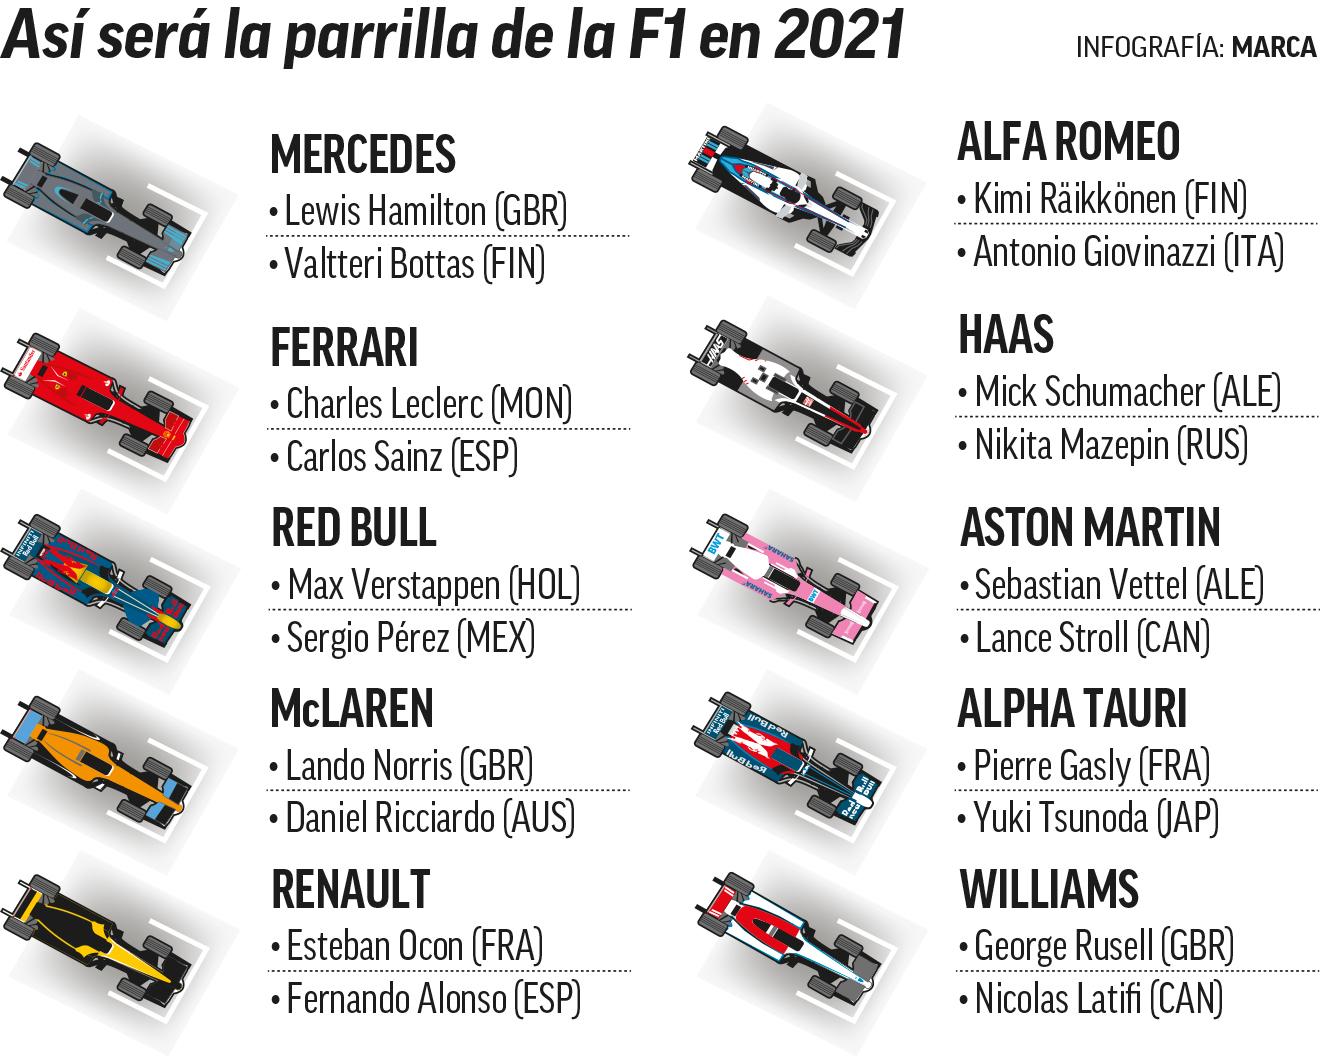 F1 2020 La Parrilla De F1 2021 Cerrada A La Espera De Hamilton Marca Com